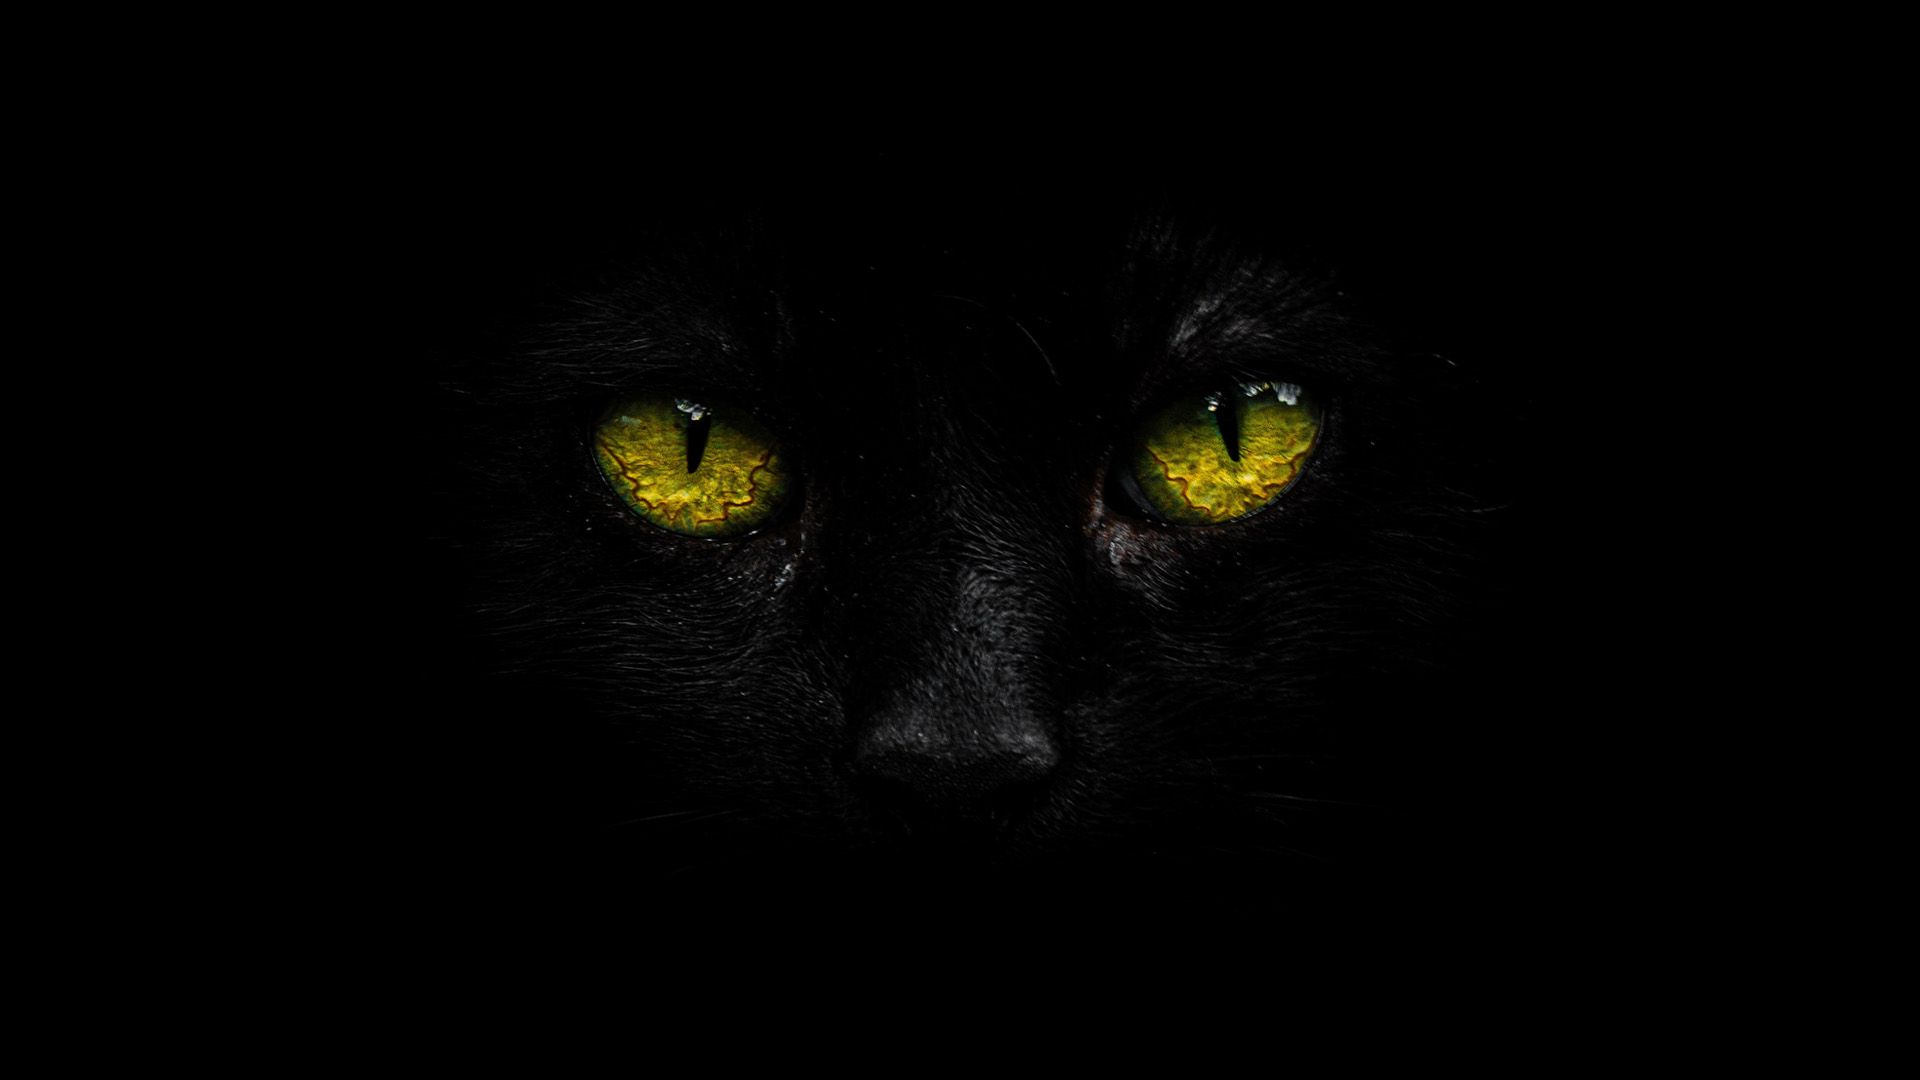 чёрная кошка. призыв демона во сне